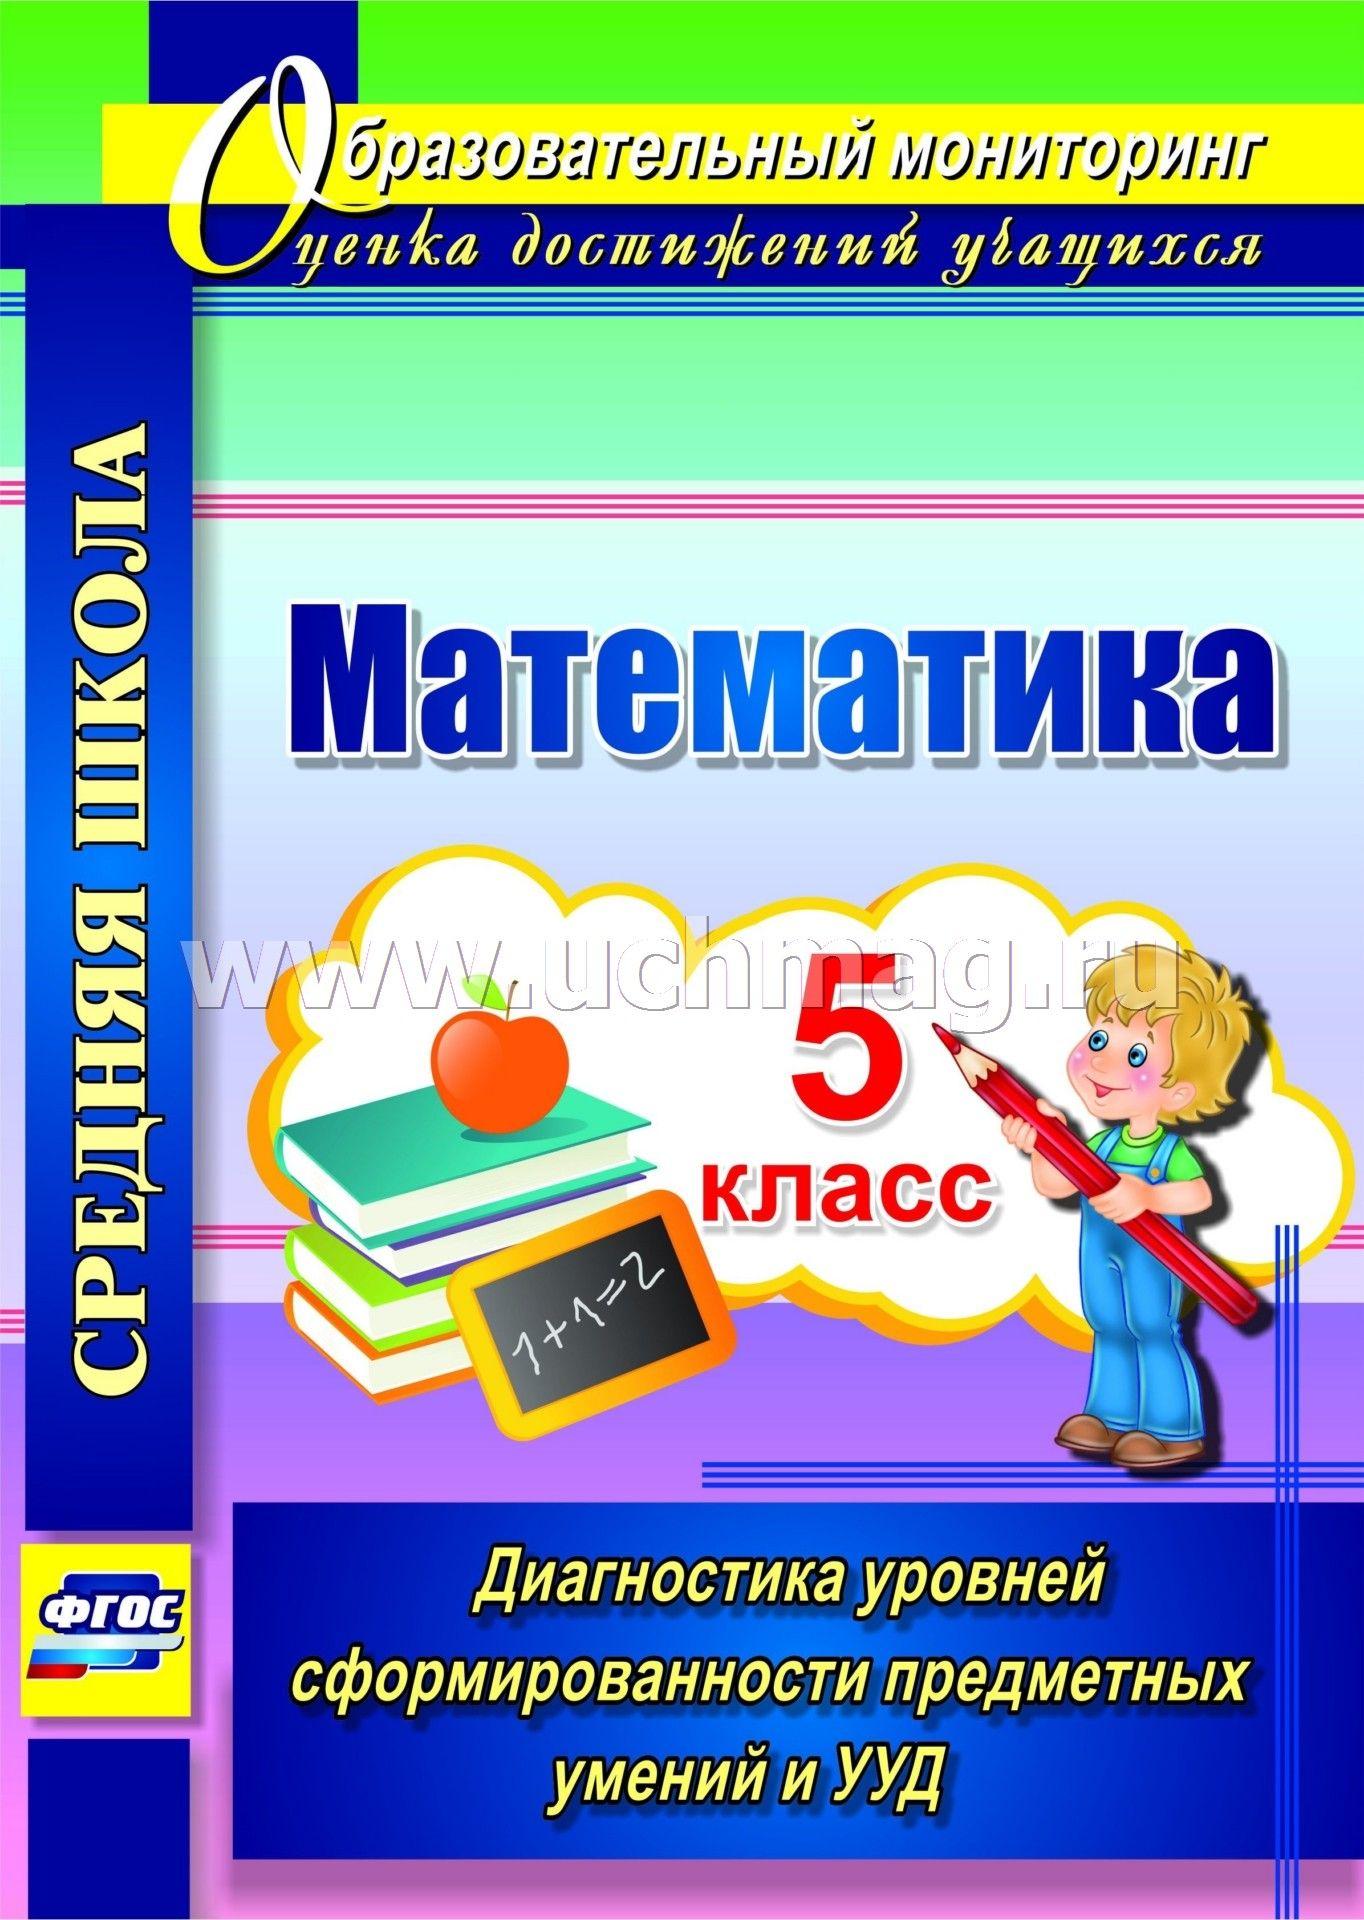 lektsii-samopoznaniyu-sochinenie-po-russkomu-yaziku-5-klass-shkola-302-chemu-uchili-mitrofanushku